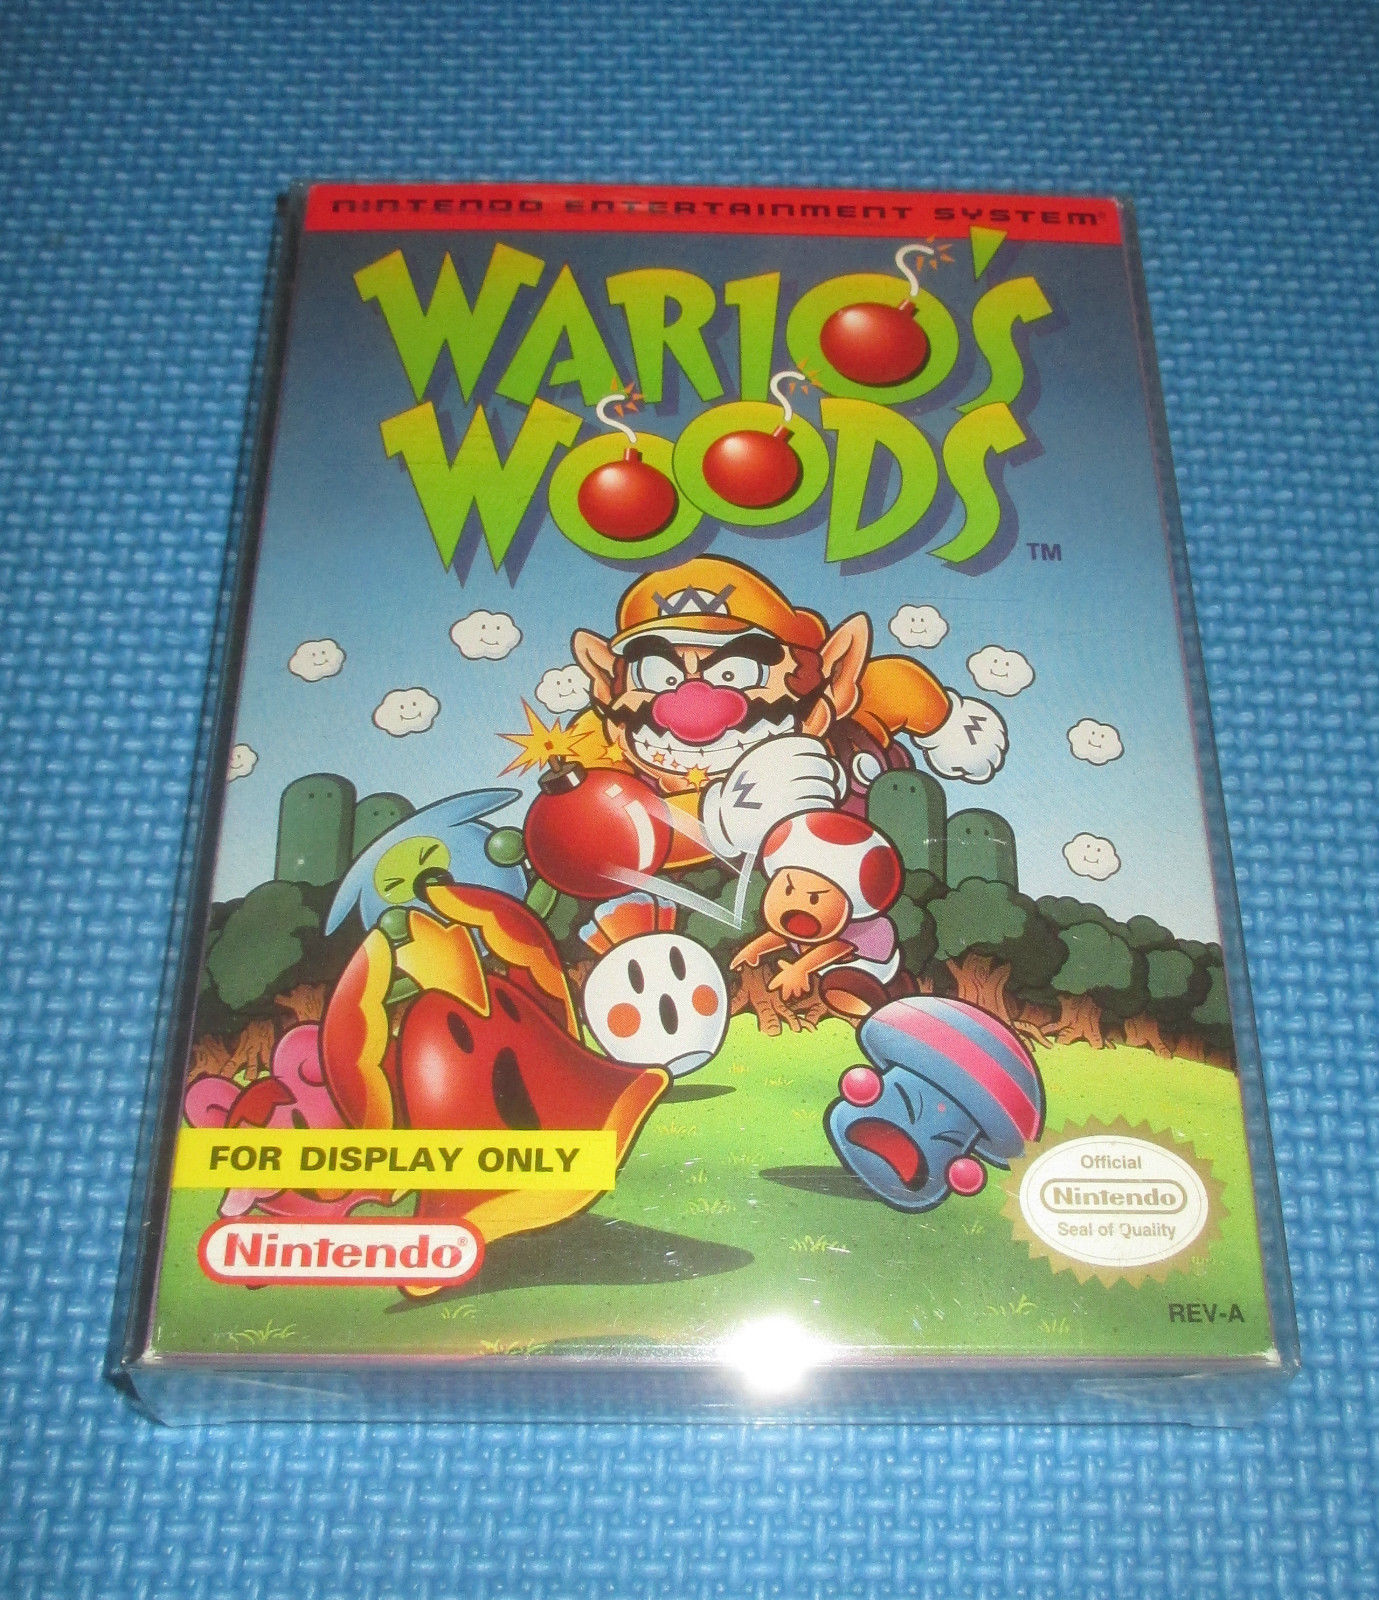 warios woods display only box.JPG